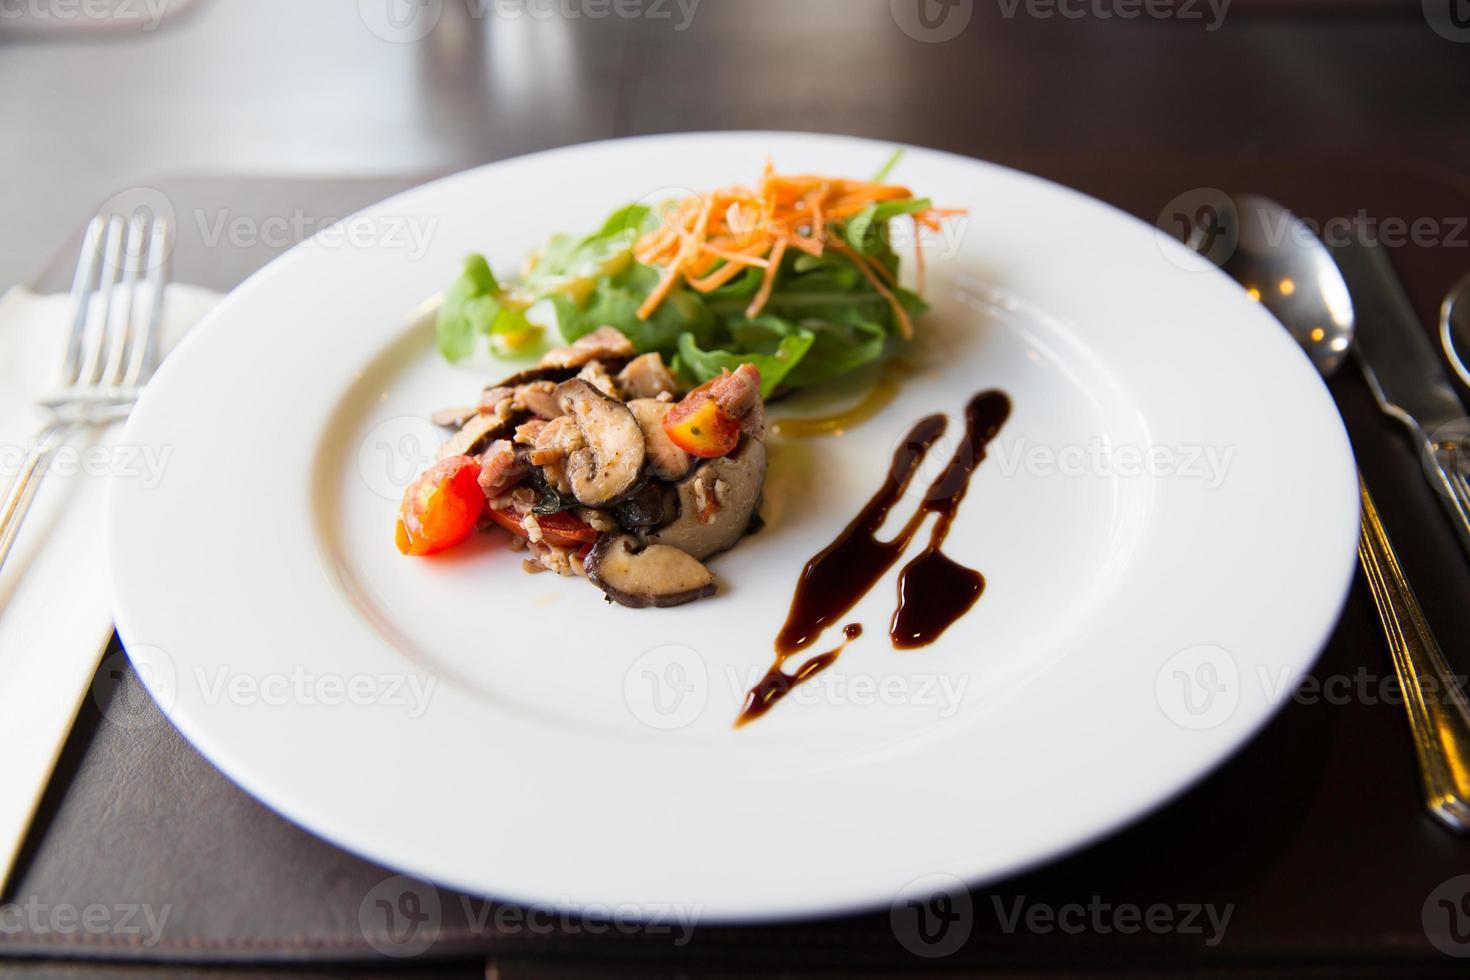 salade de champignons apitizer mélangé avec du porc photo